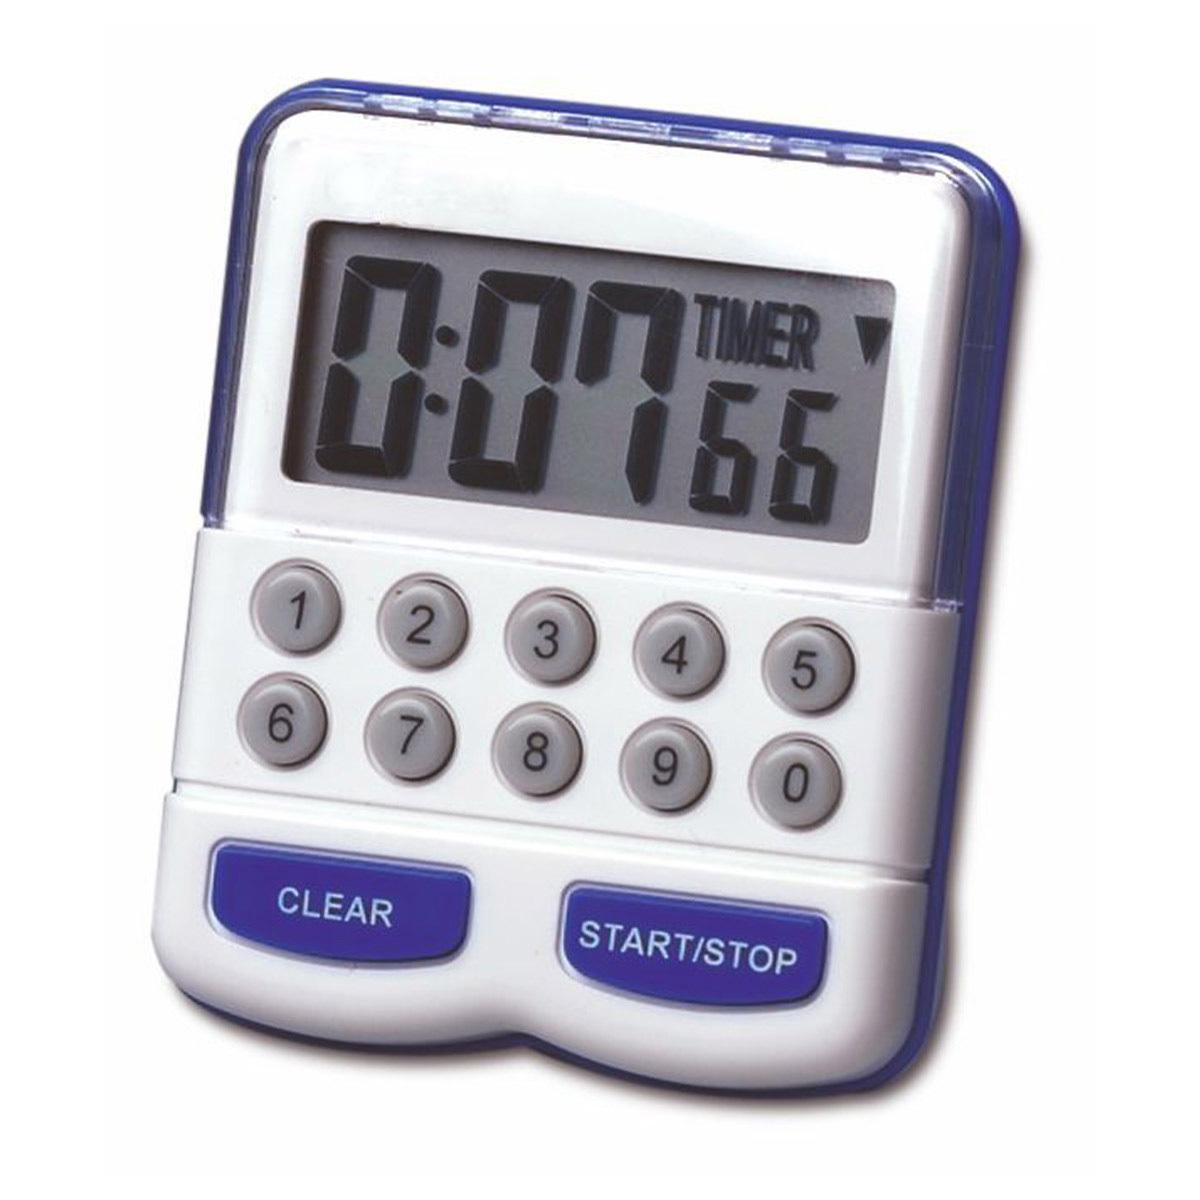 38-2010-digitaler-timer-stoppuhr-1200x1200px.jpg